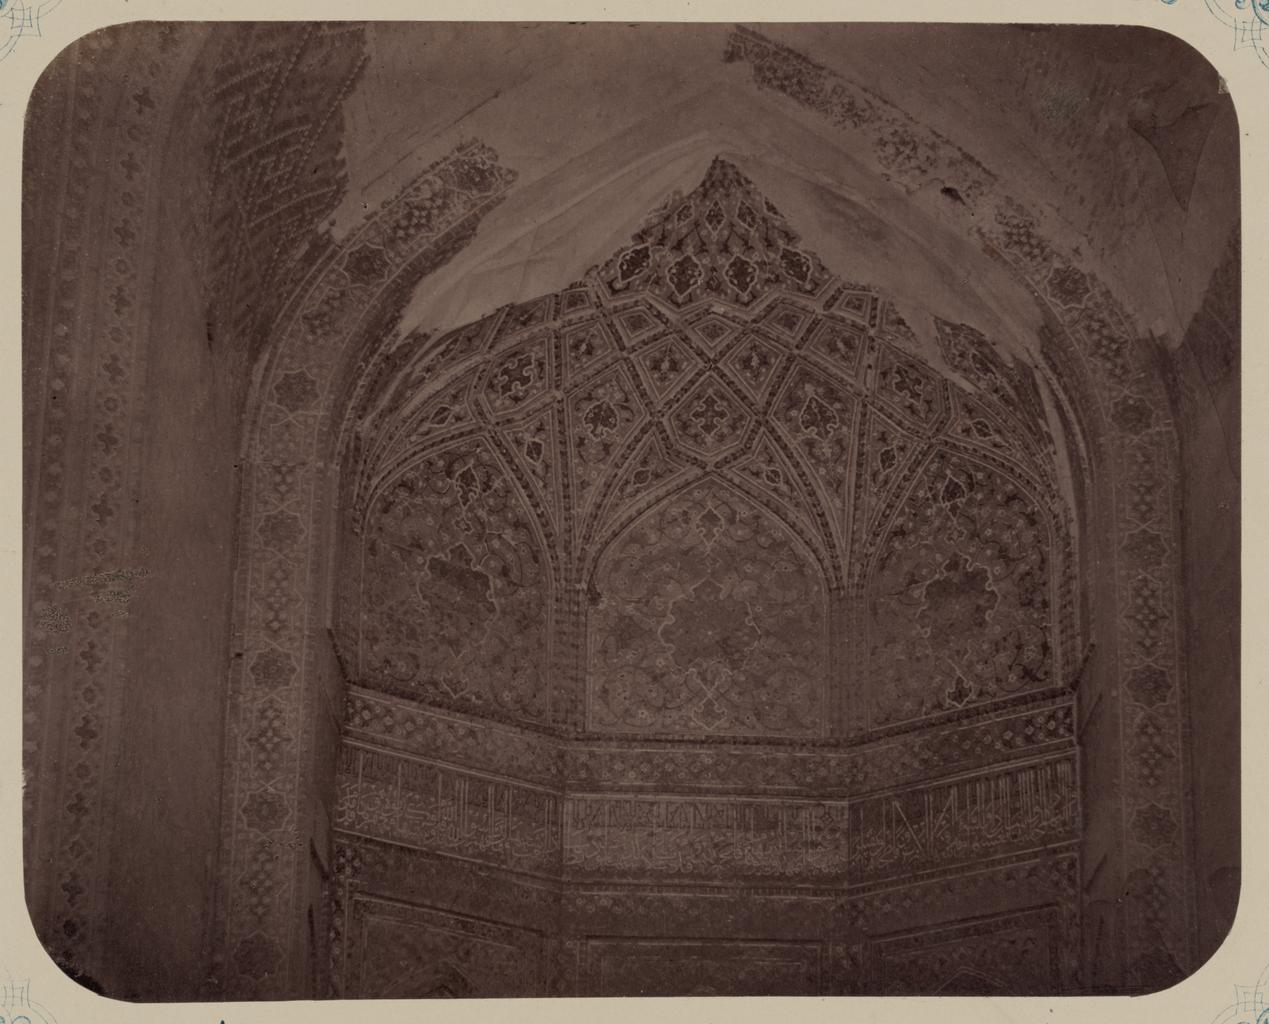 Медресе Шир-Дор. Внутренний двор (восточная сторона). Надписи вокруг внутренней ниши и ее верхних секций. Центр